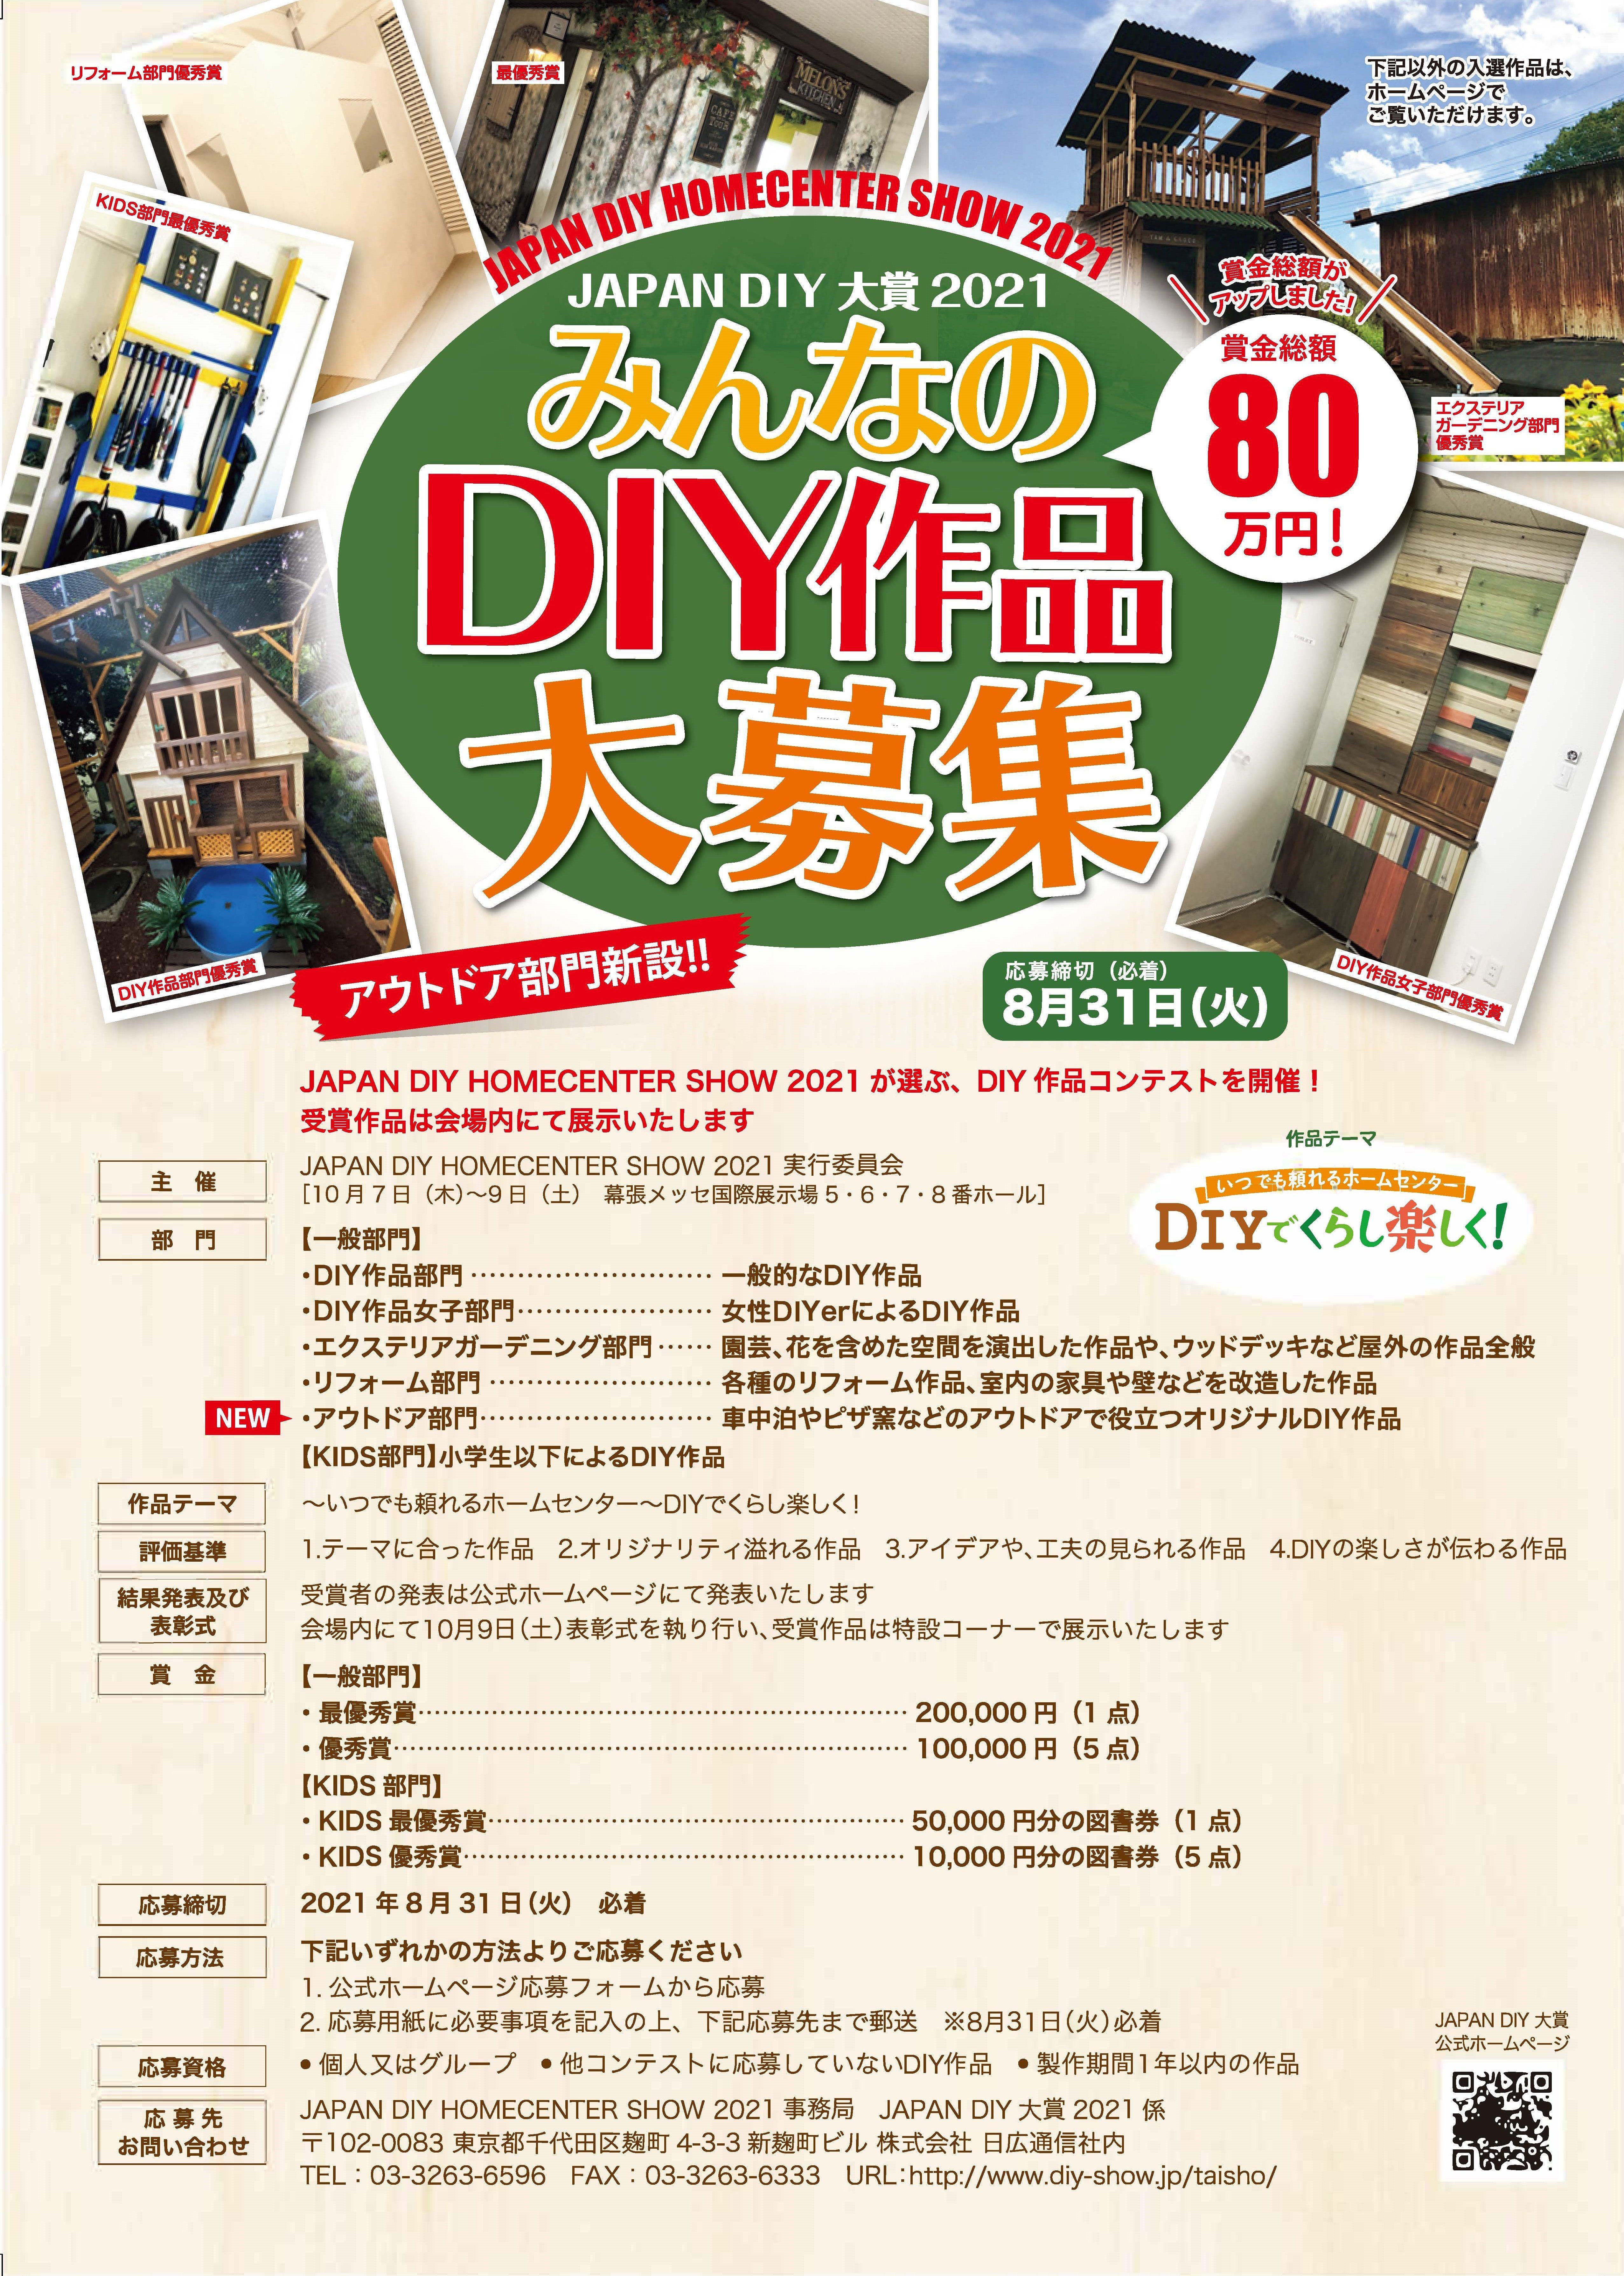 DIY作品コンテスト